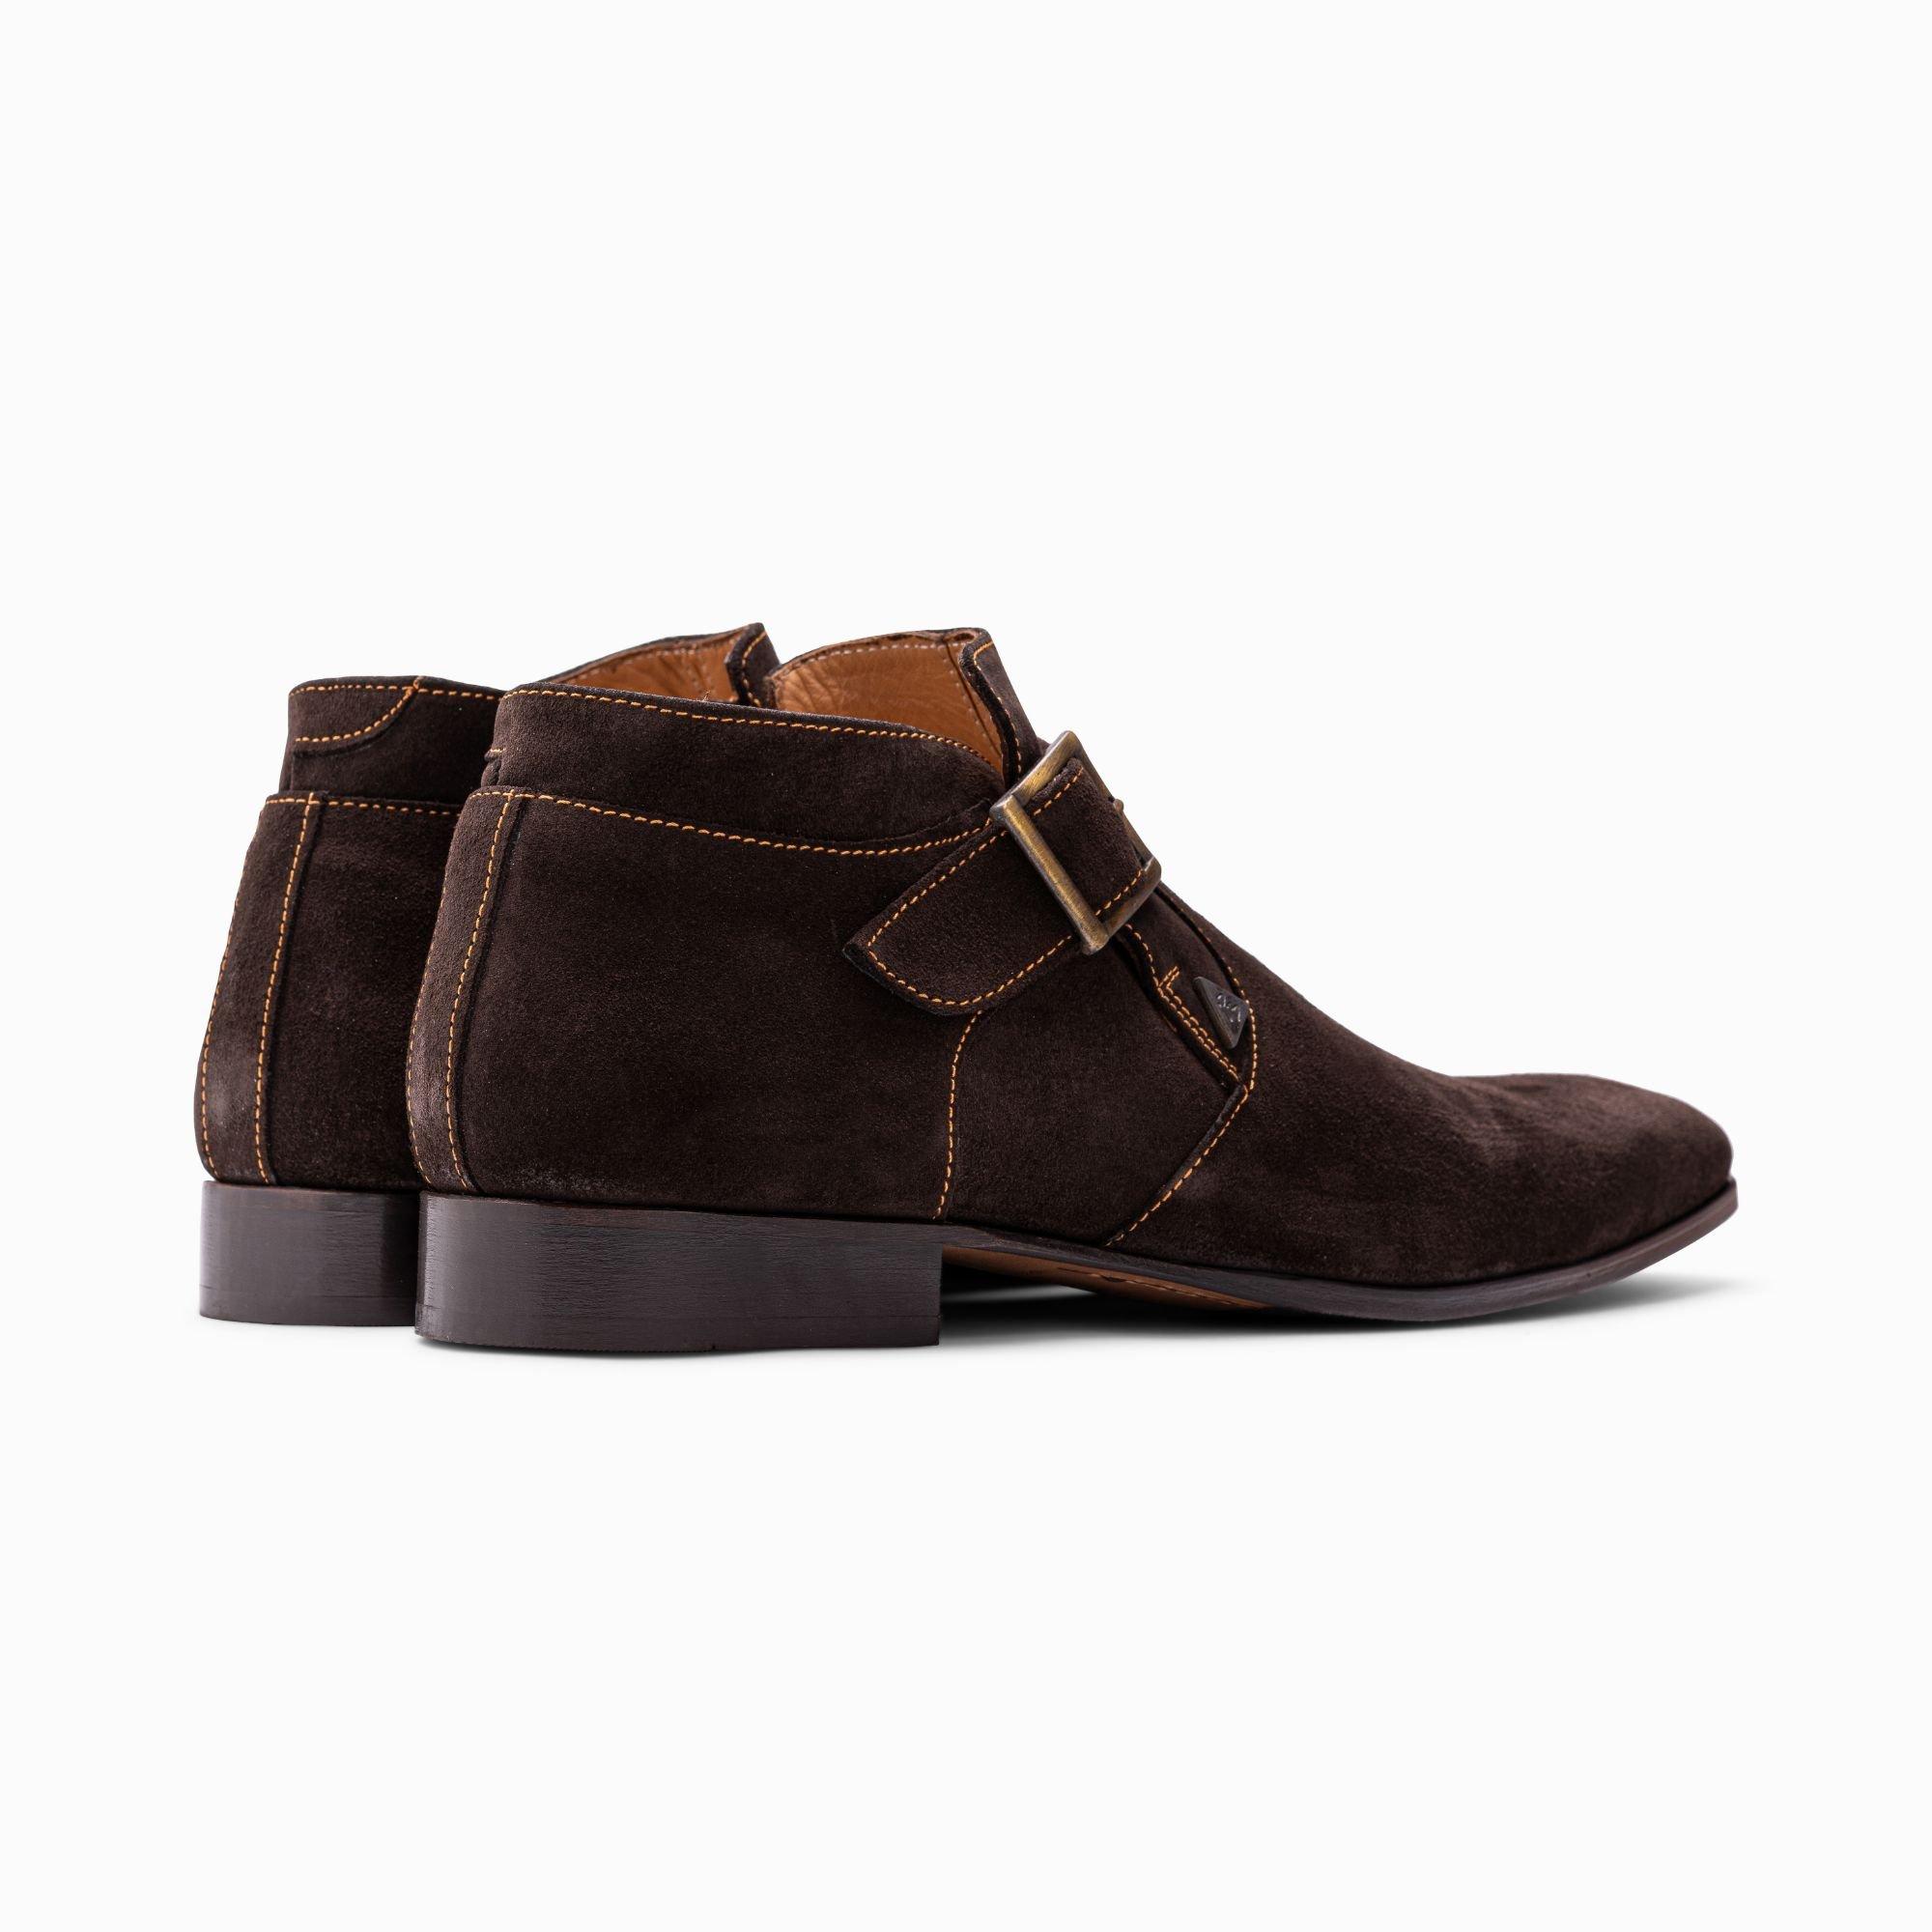 1829-brown-suede_02